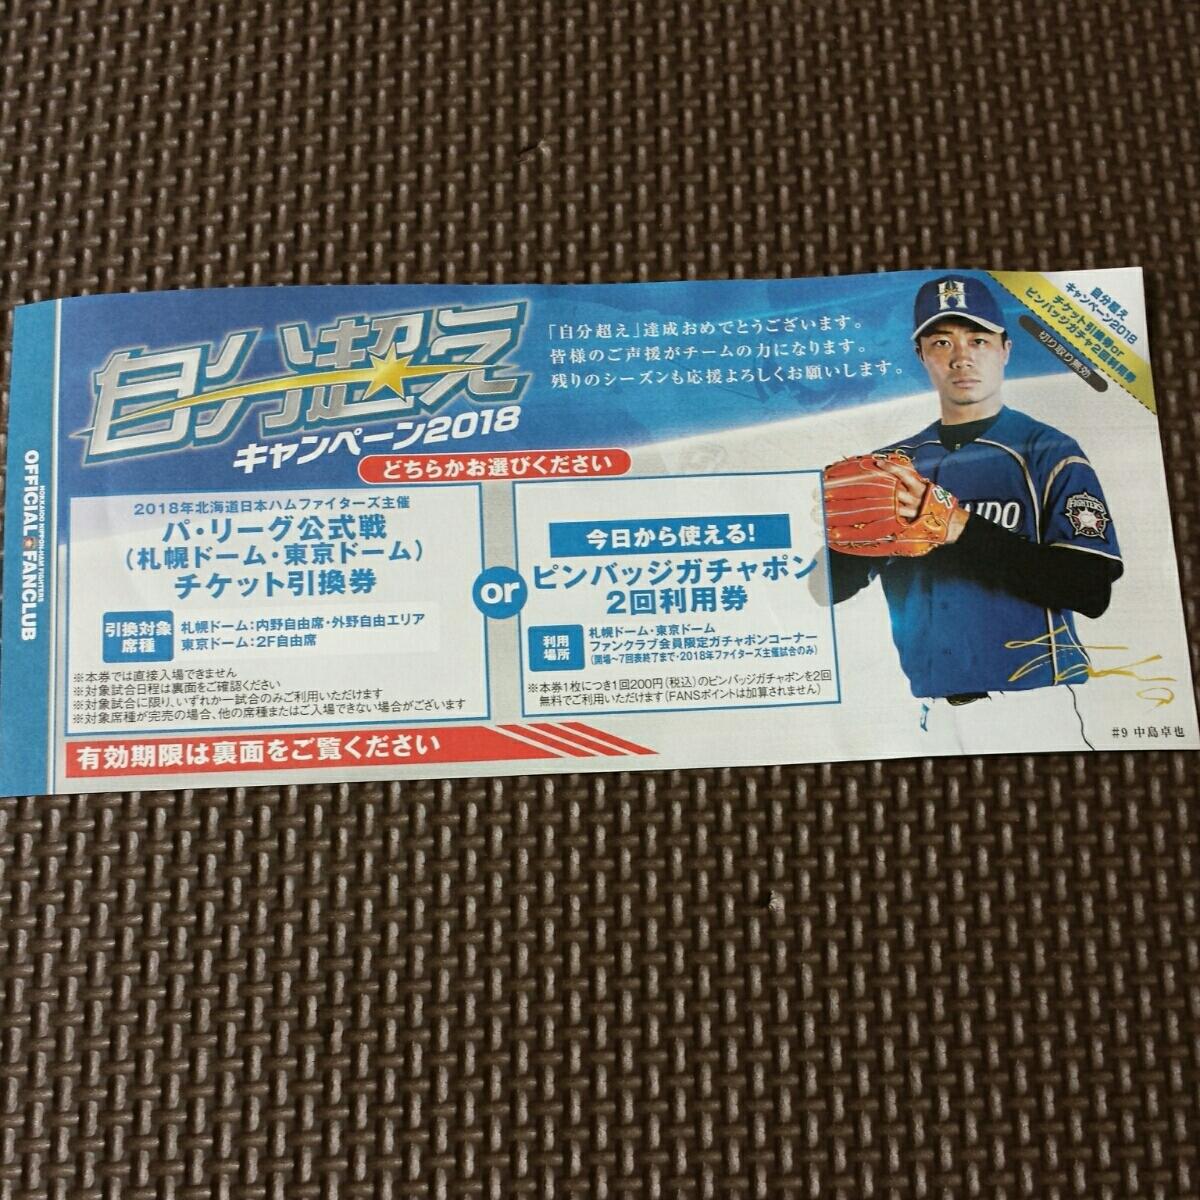 北海道日本ハムファイターズ ファンクラブ 自分越えキャンペーン2018 チケット引き換券 日ハム チケット 札幌ドーム 東京ドーム